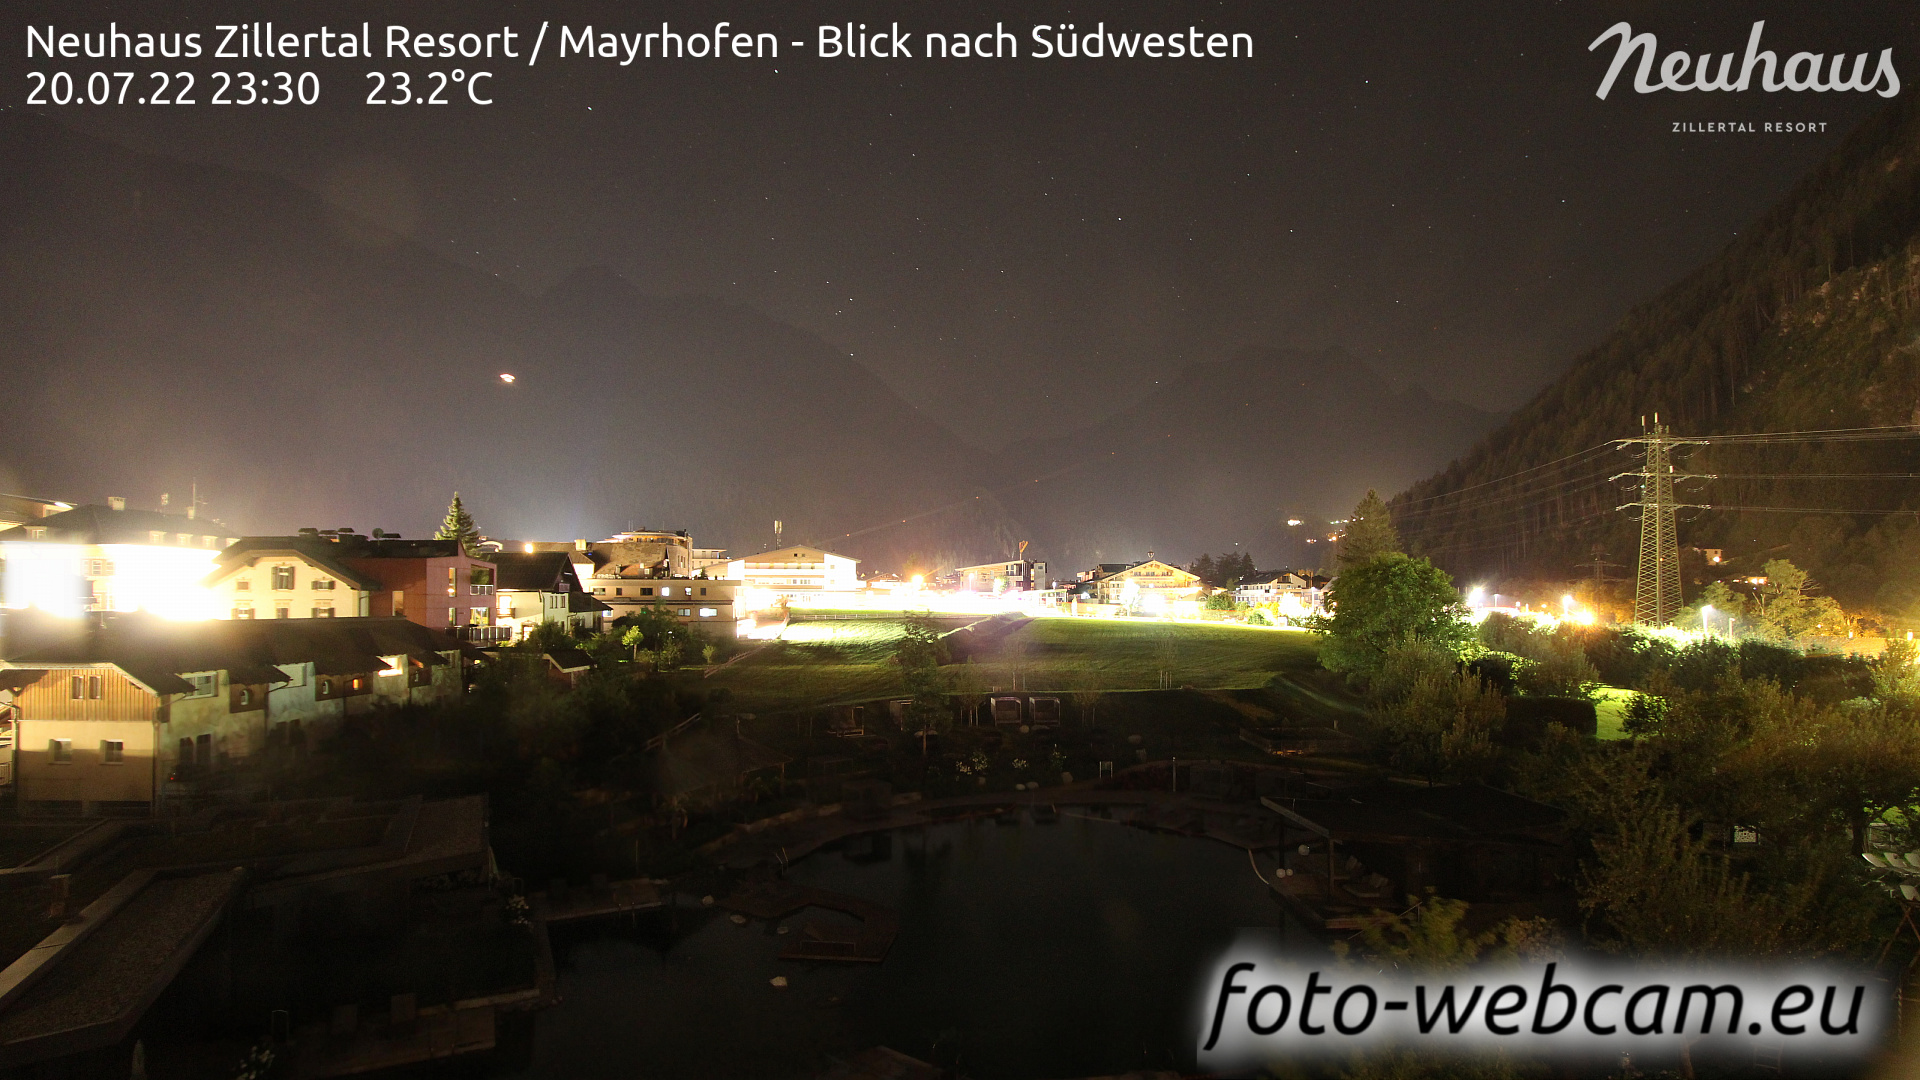 Mayrhofen Sun. 23:33